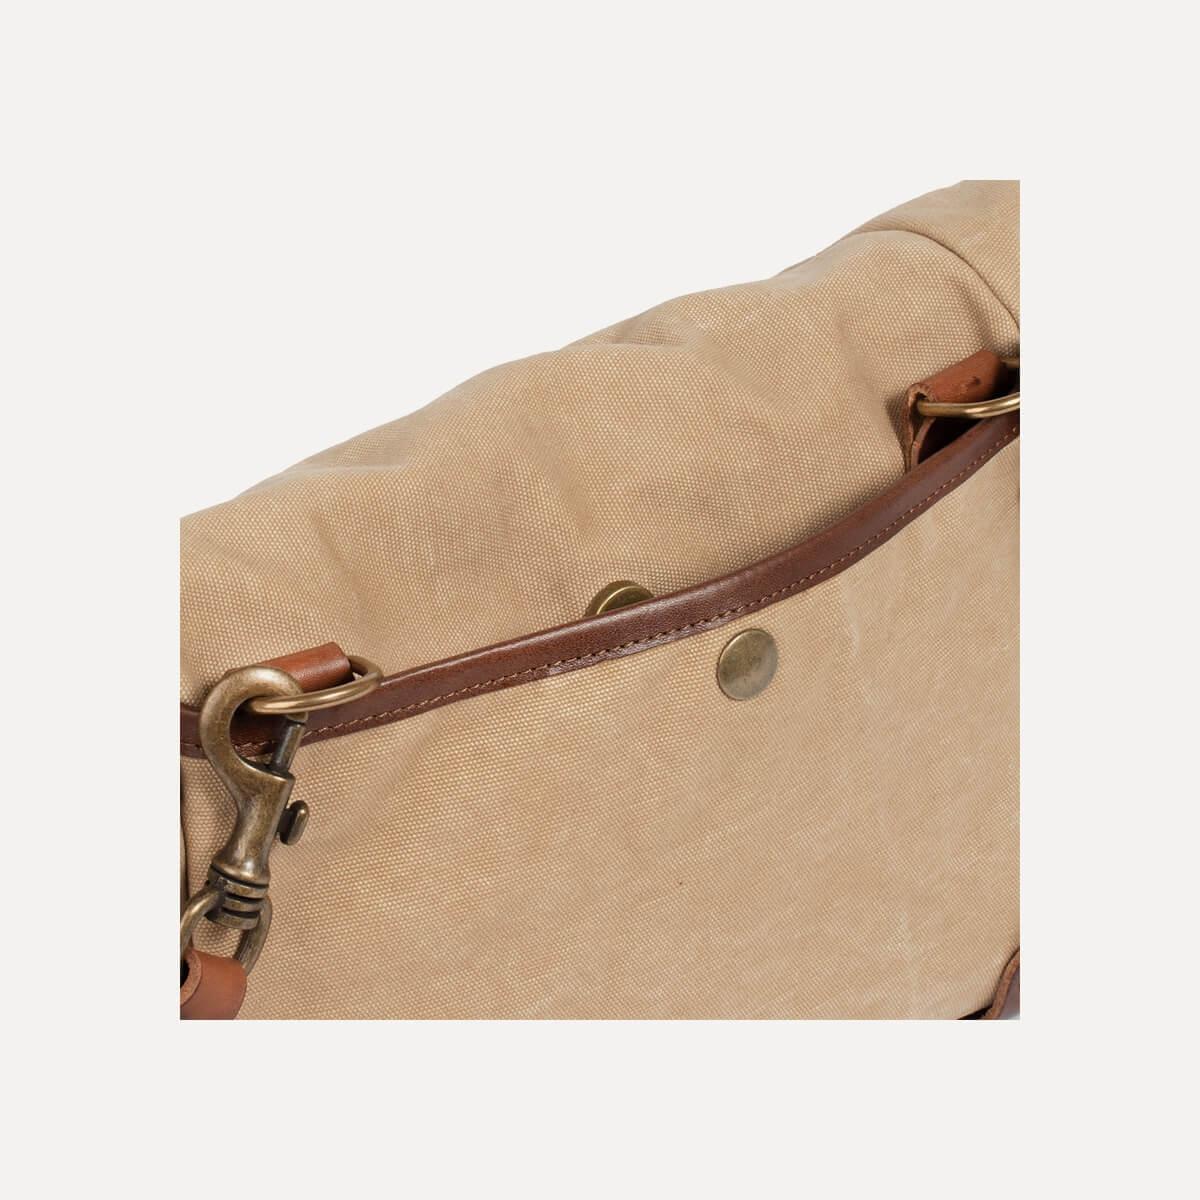 Gibus tool bag - wheat (image n°4)